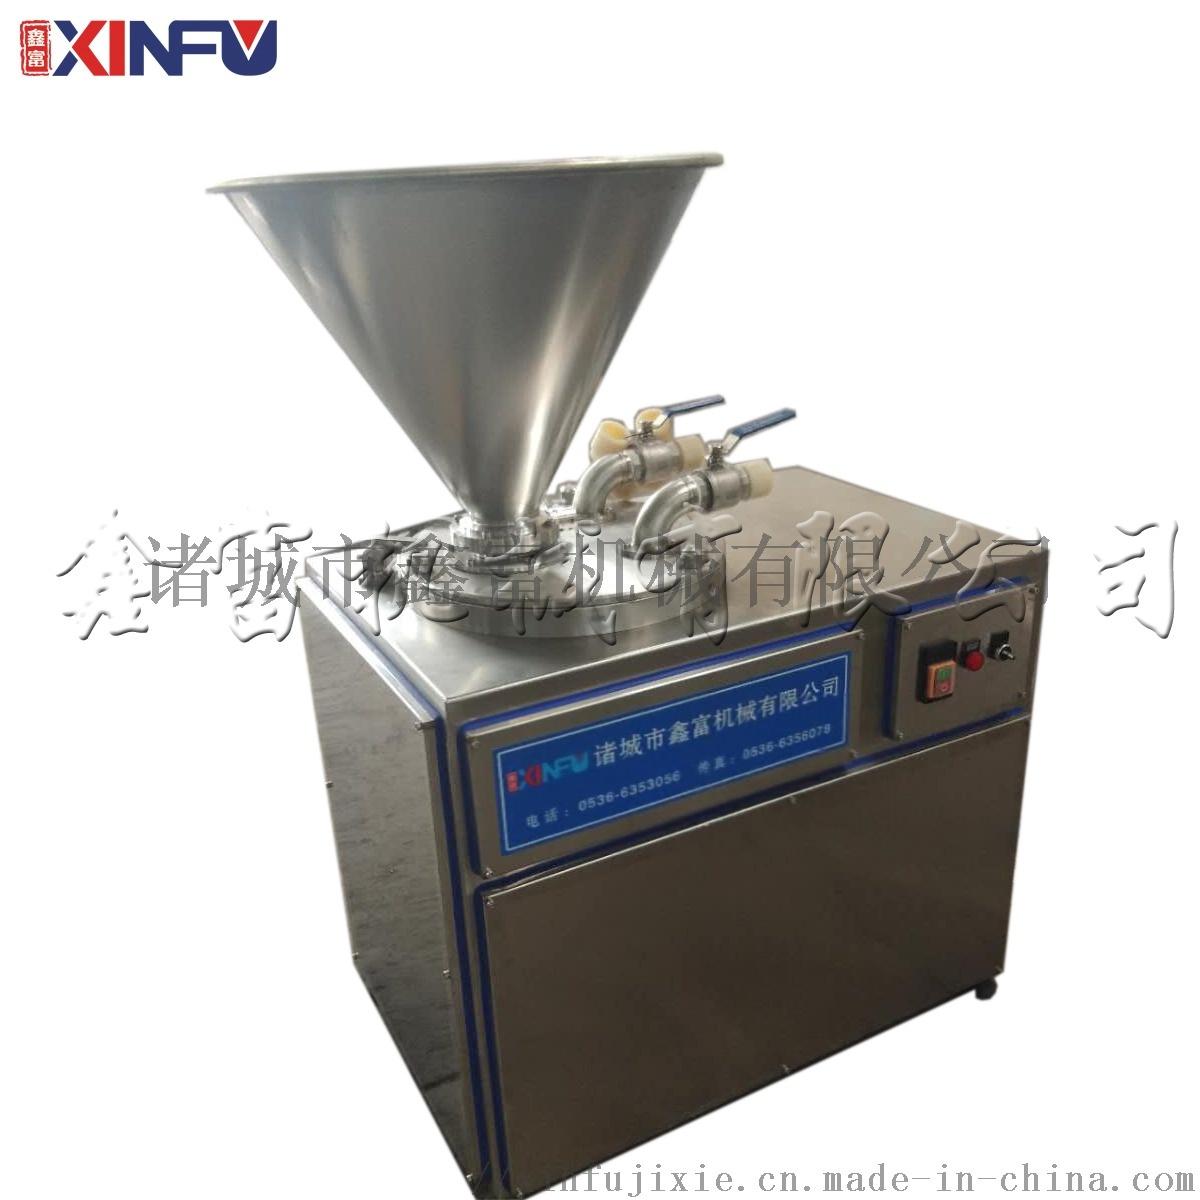 液压管灌肠机、齿轮灌肠机,气动定量扭结灌肠机72577612